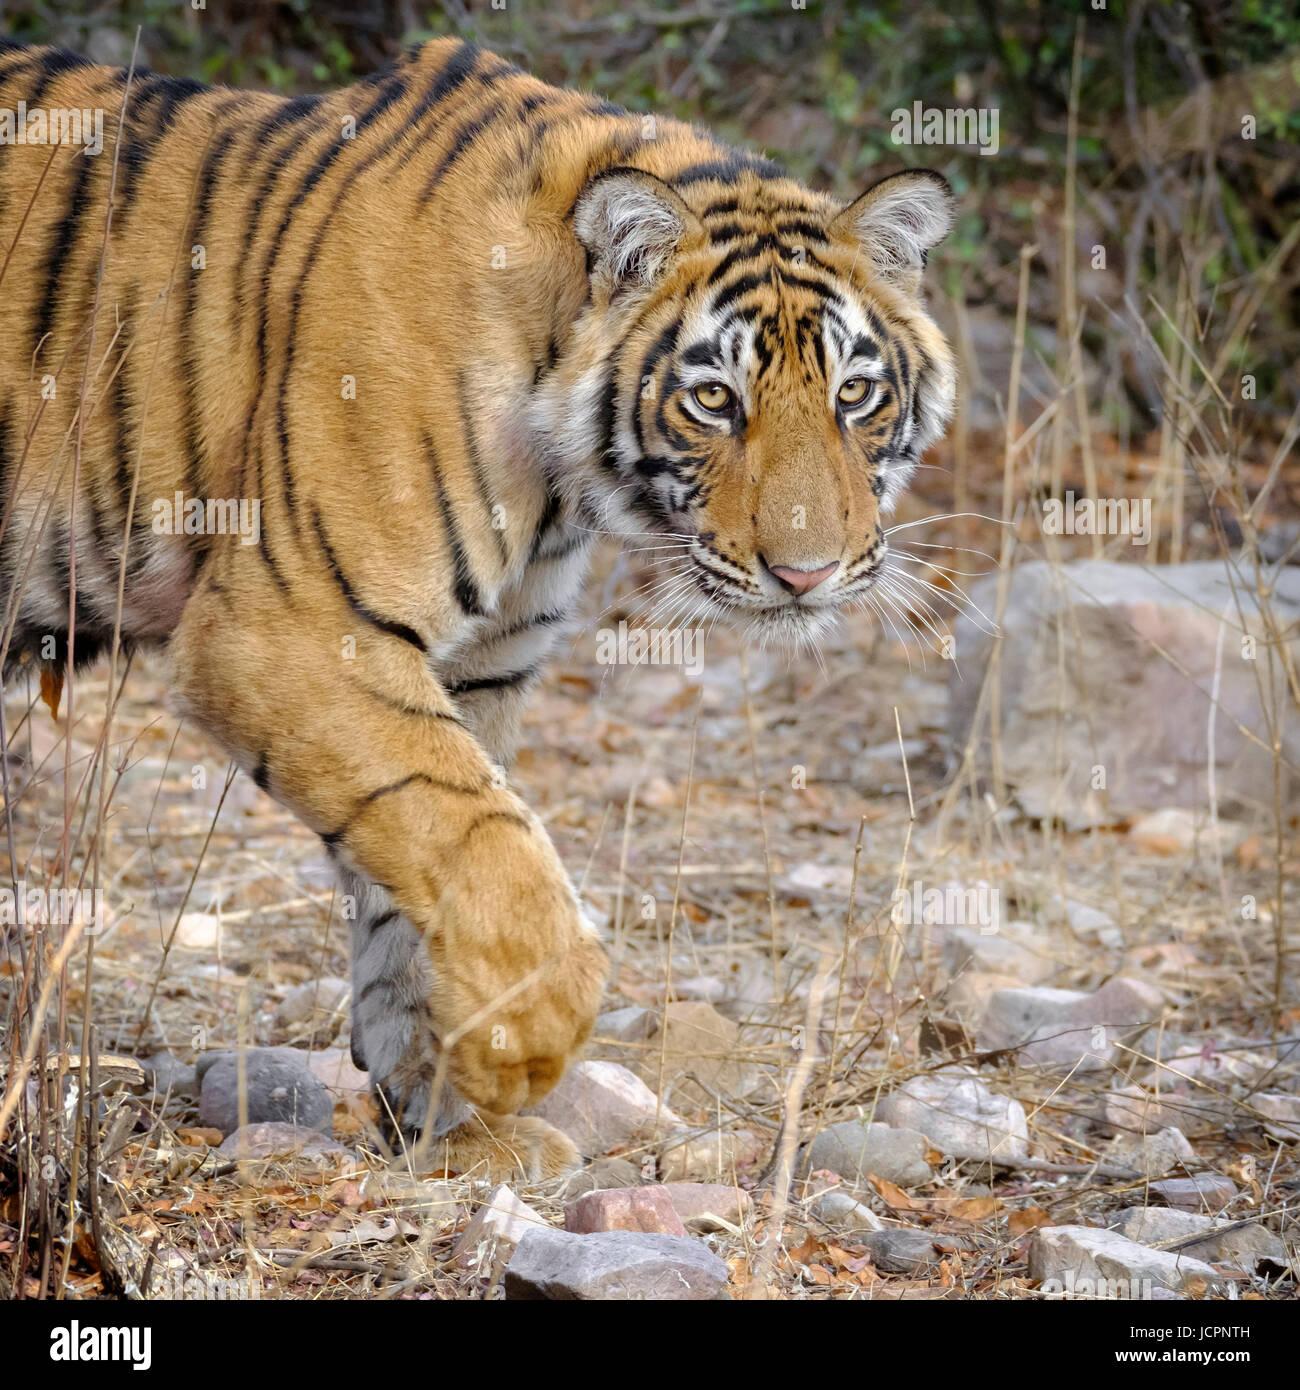 Bengal tiger, (Panthera tigris tigris) walking across rocks - Stock Image